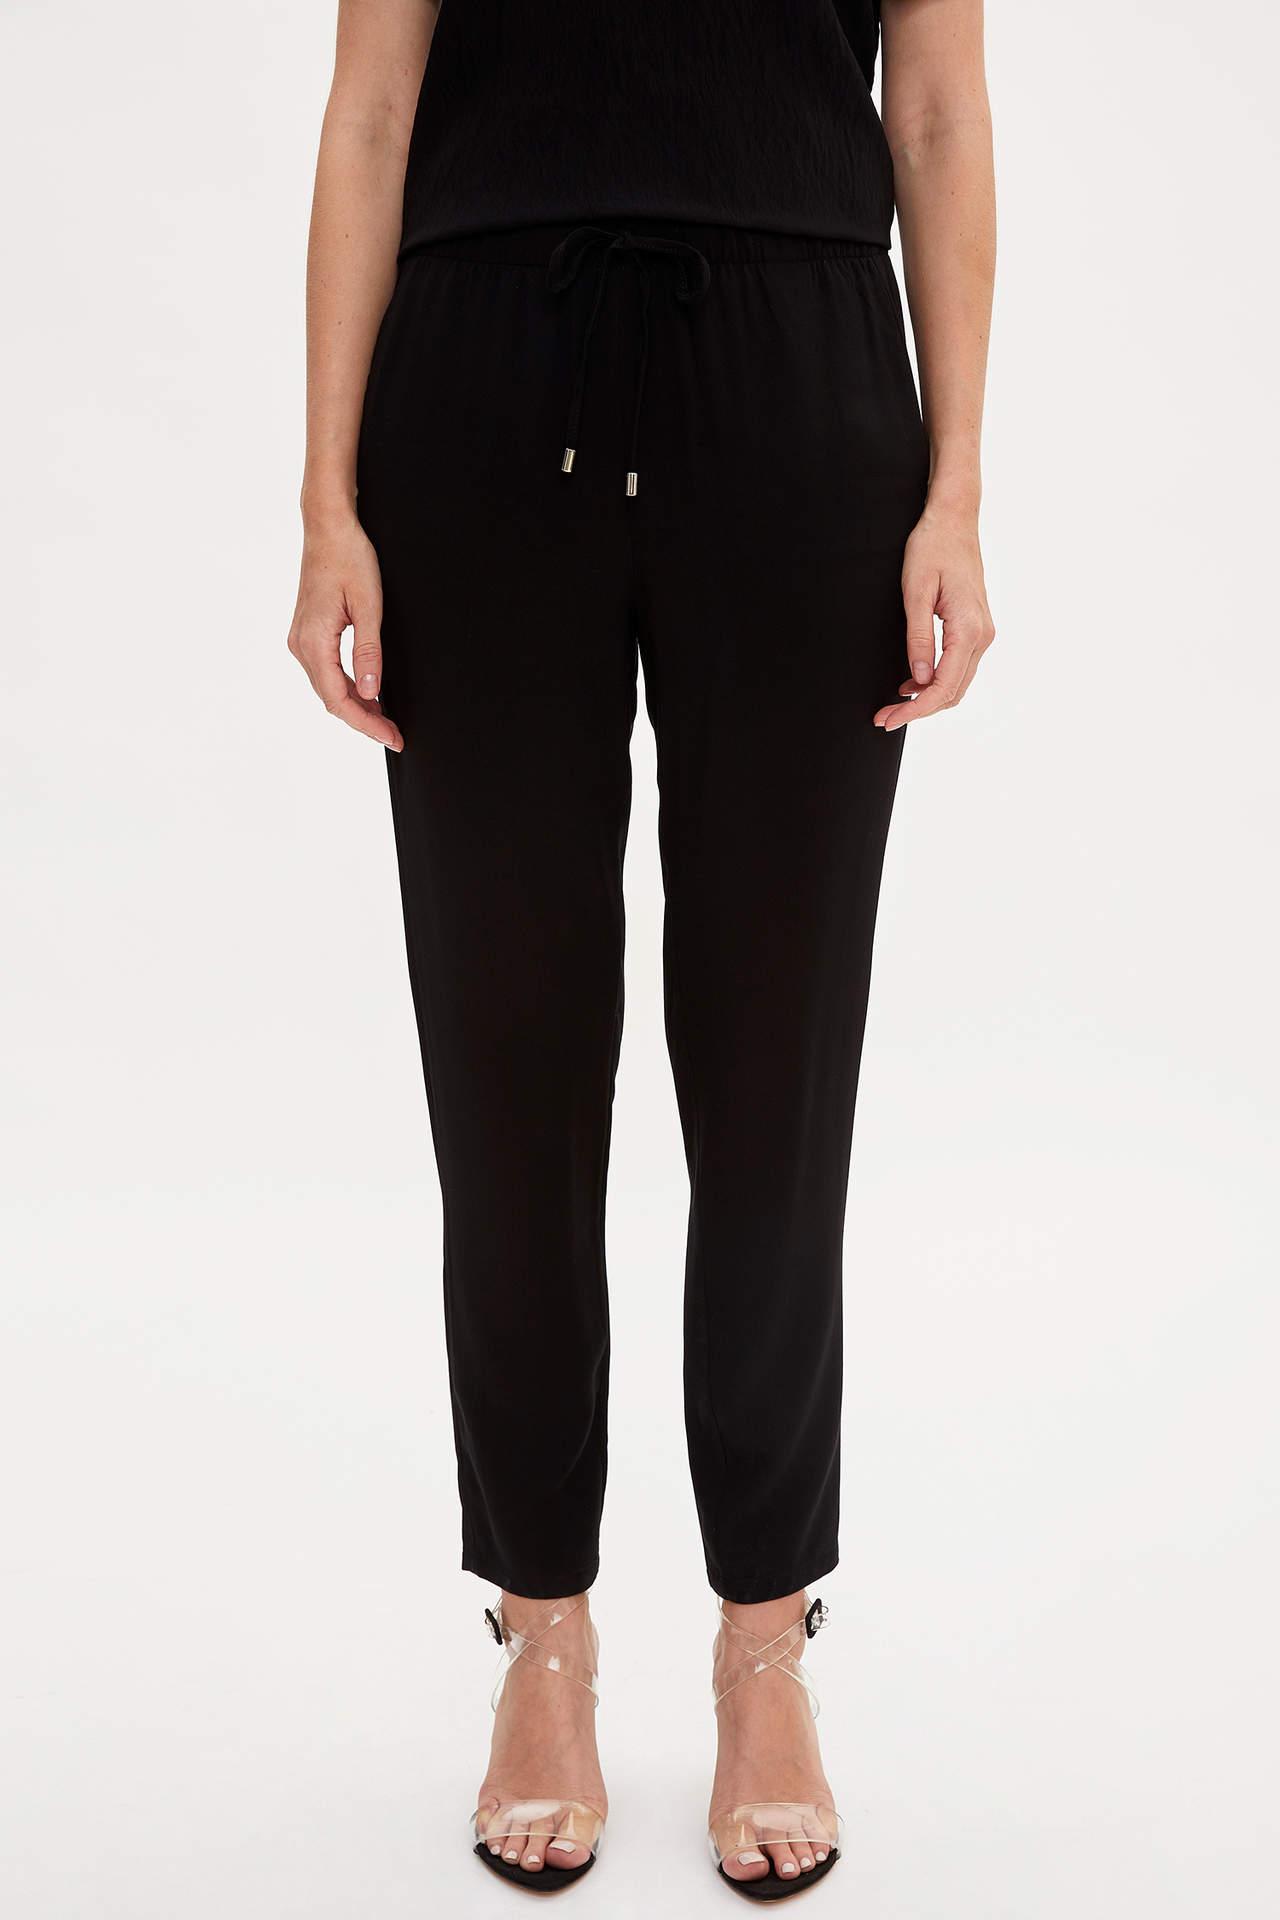 Defacto Kadın Elastik Belli Relax Fit Pantolon